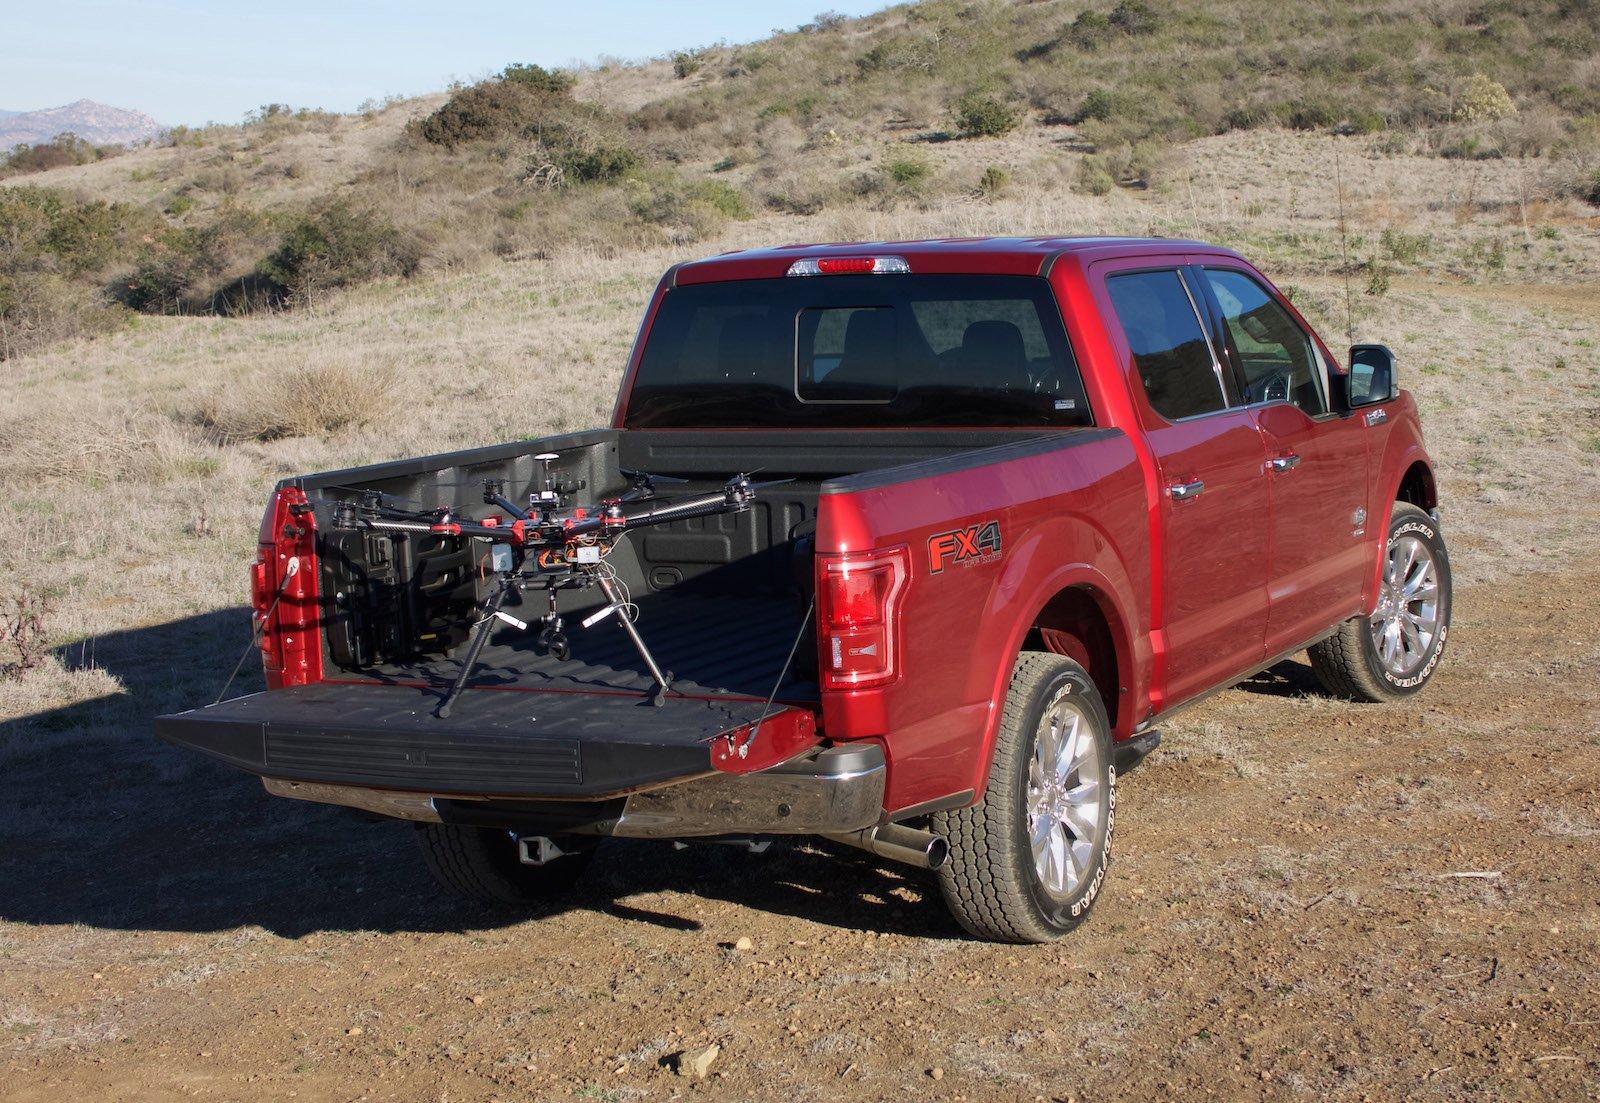 Ford F-150 Pickup: Der Autoherstellerfördert die Entwicklung von Drohnen-Fahrzeug-Konzepten für schnellere Notfallhilfe bei Katastrophen.